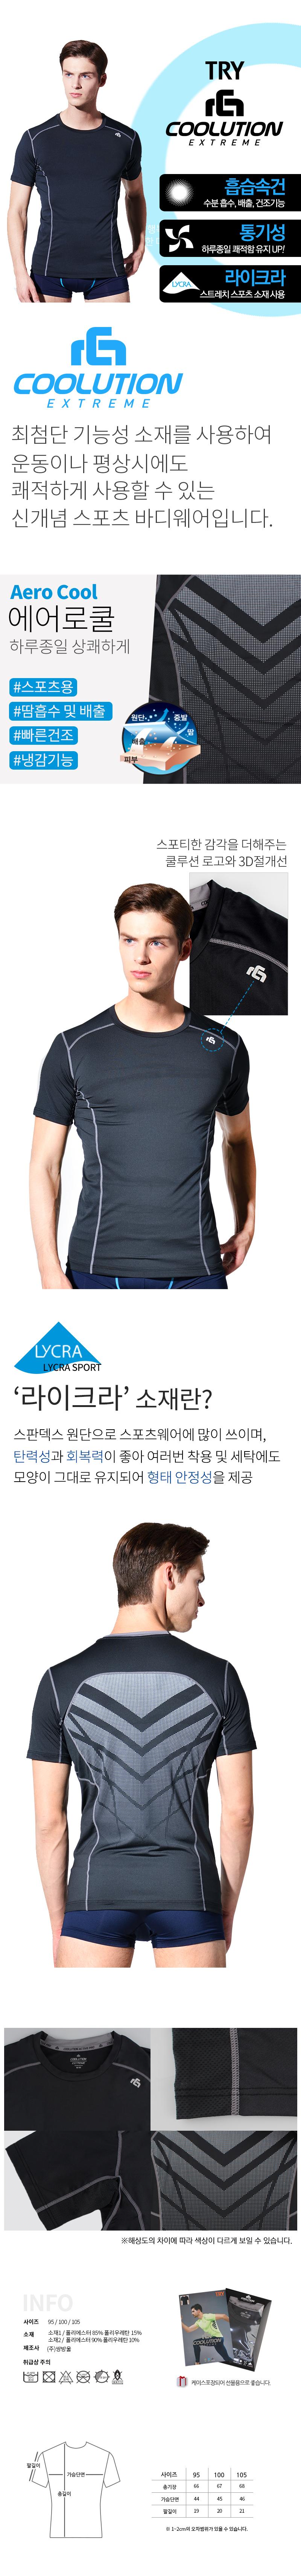 트라이(TRY) T-익스트림 스포츠 티셔츠 블랙